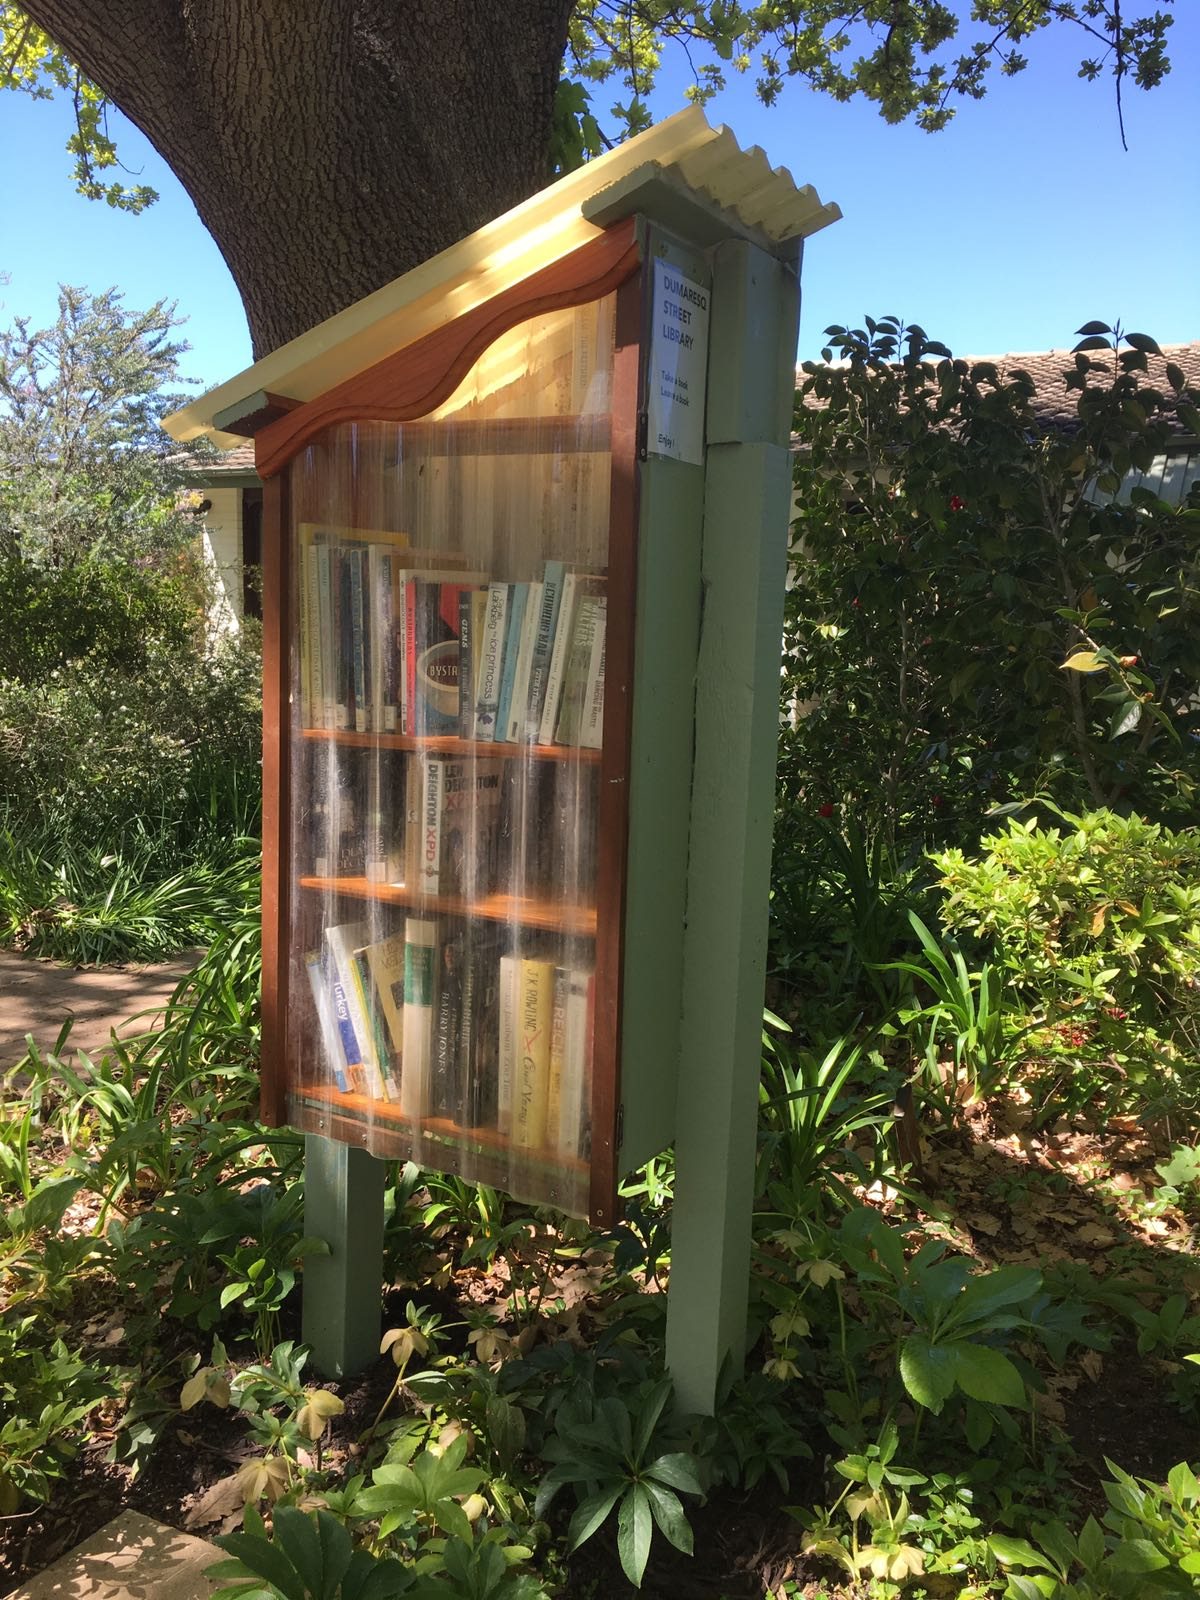 Community lending library